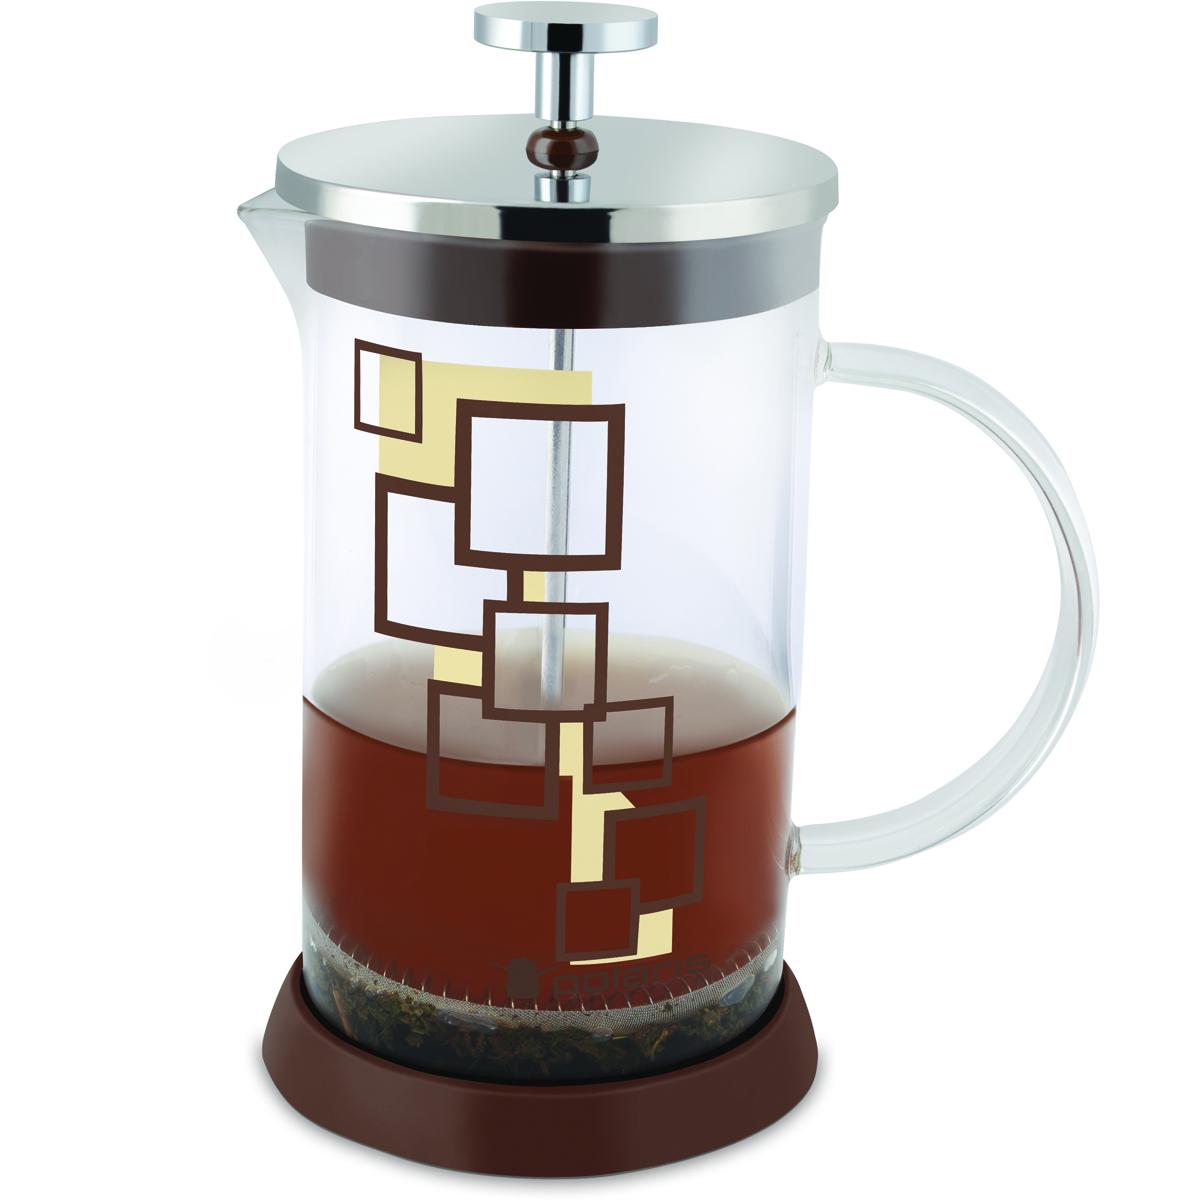 Френч-пресс Polaris Pixel-600FP, 600 млPixel-600FPЭксклюзивный дизайн. Френч-пресс Polaris Pixel подходит для заваривания кофе и чая.Колба изготовлена из жаропрочного стекла. Эргономичный поршень с фильтром выполнен из нержавеющей стали 18/10. Подставка из высококачественного силикона для удобства использования.